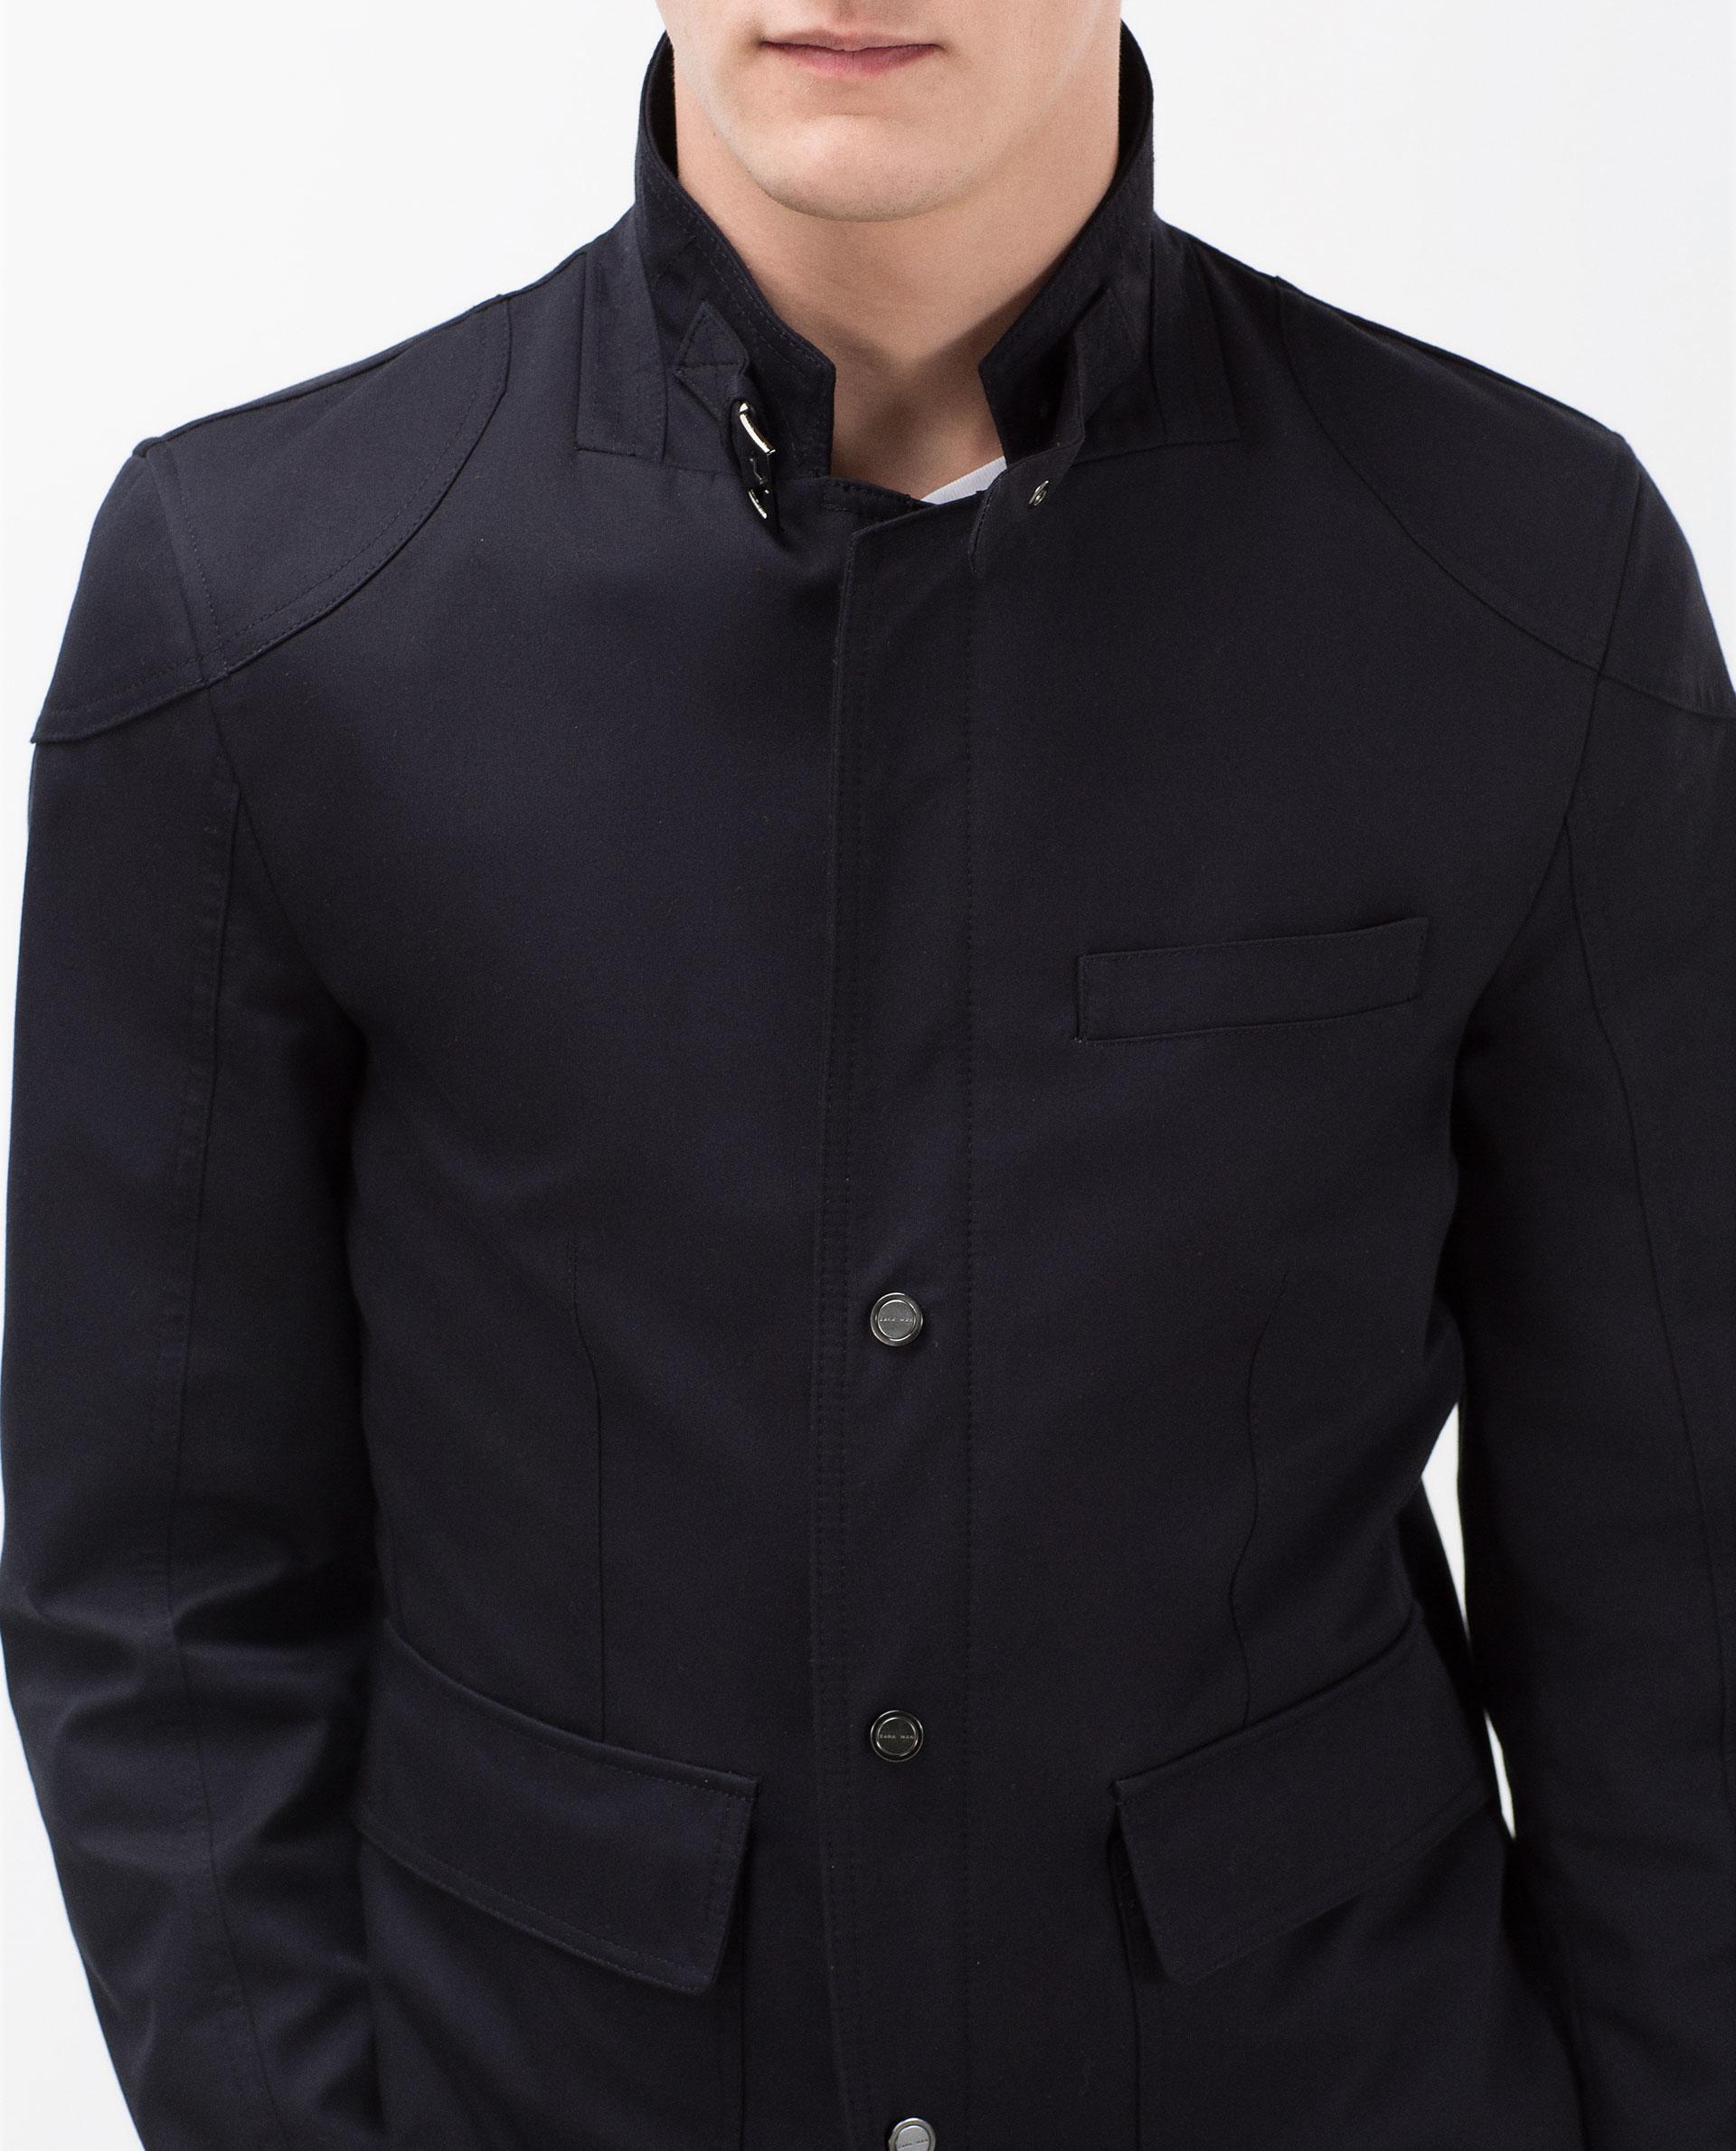 zara blazer with shoulder detail in black for men lyst. Black Bedroom Furniture Sets. Home Design Ideas